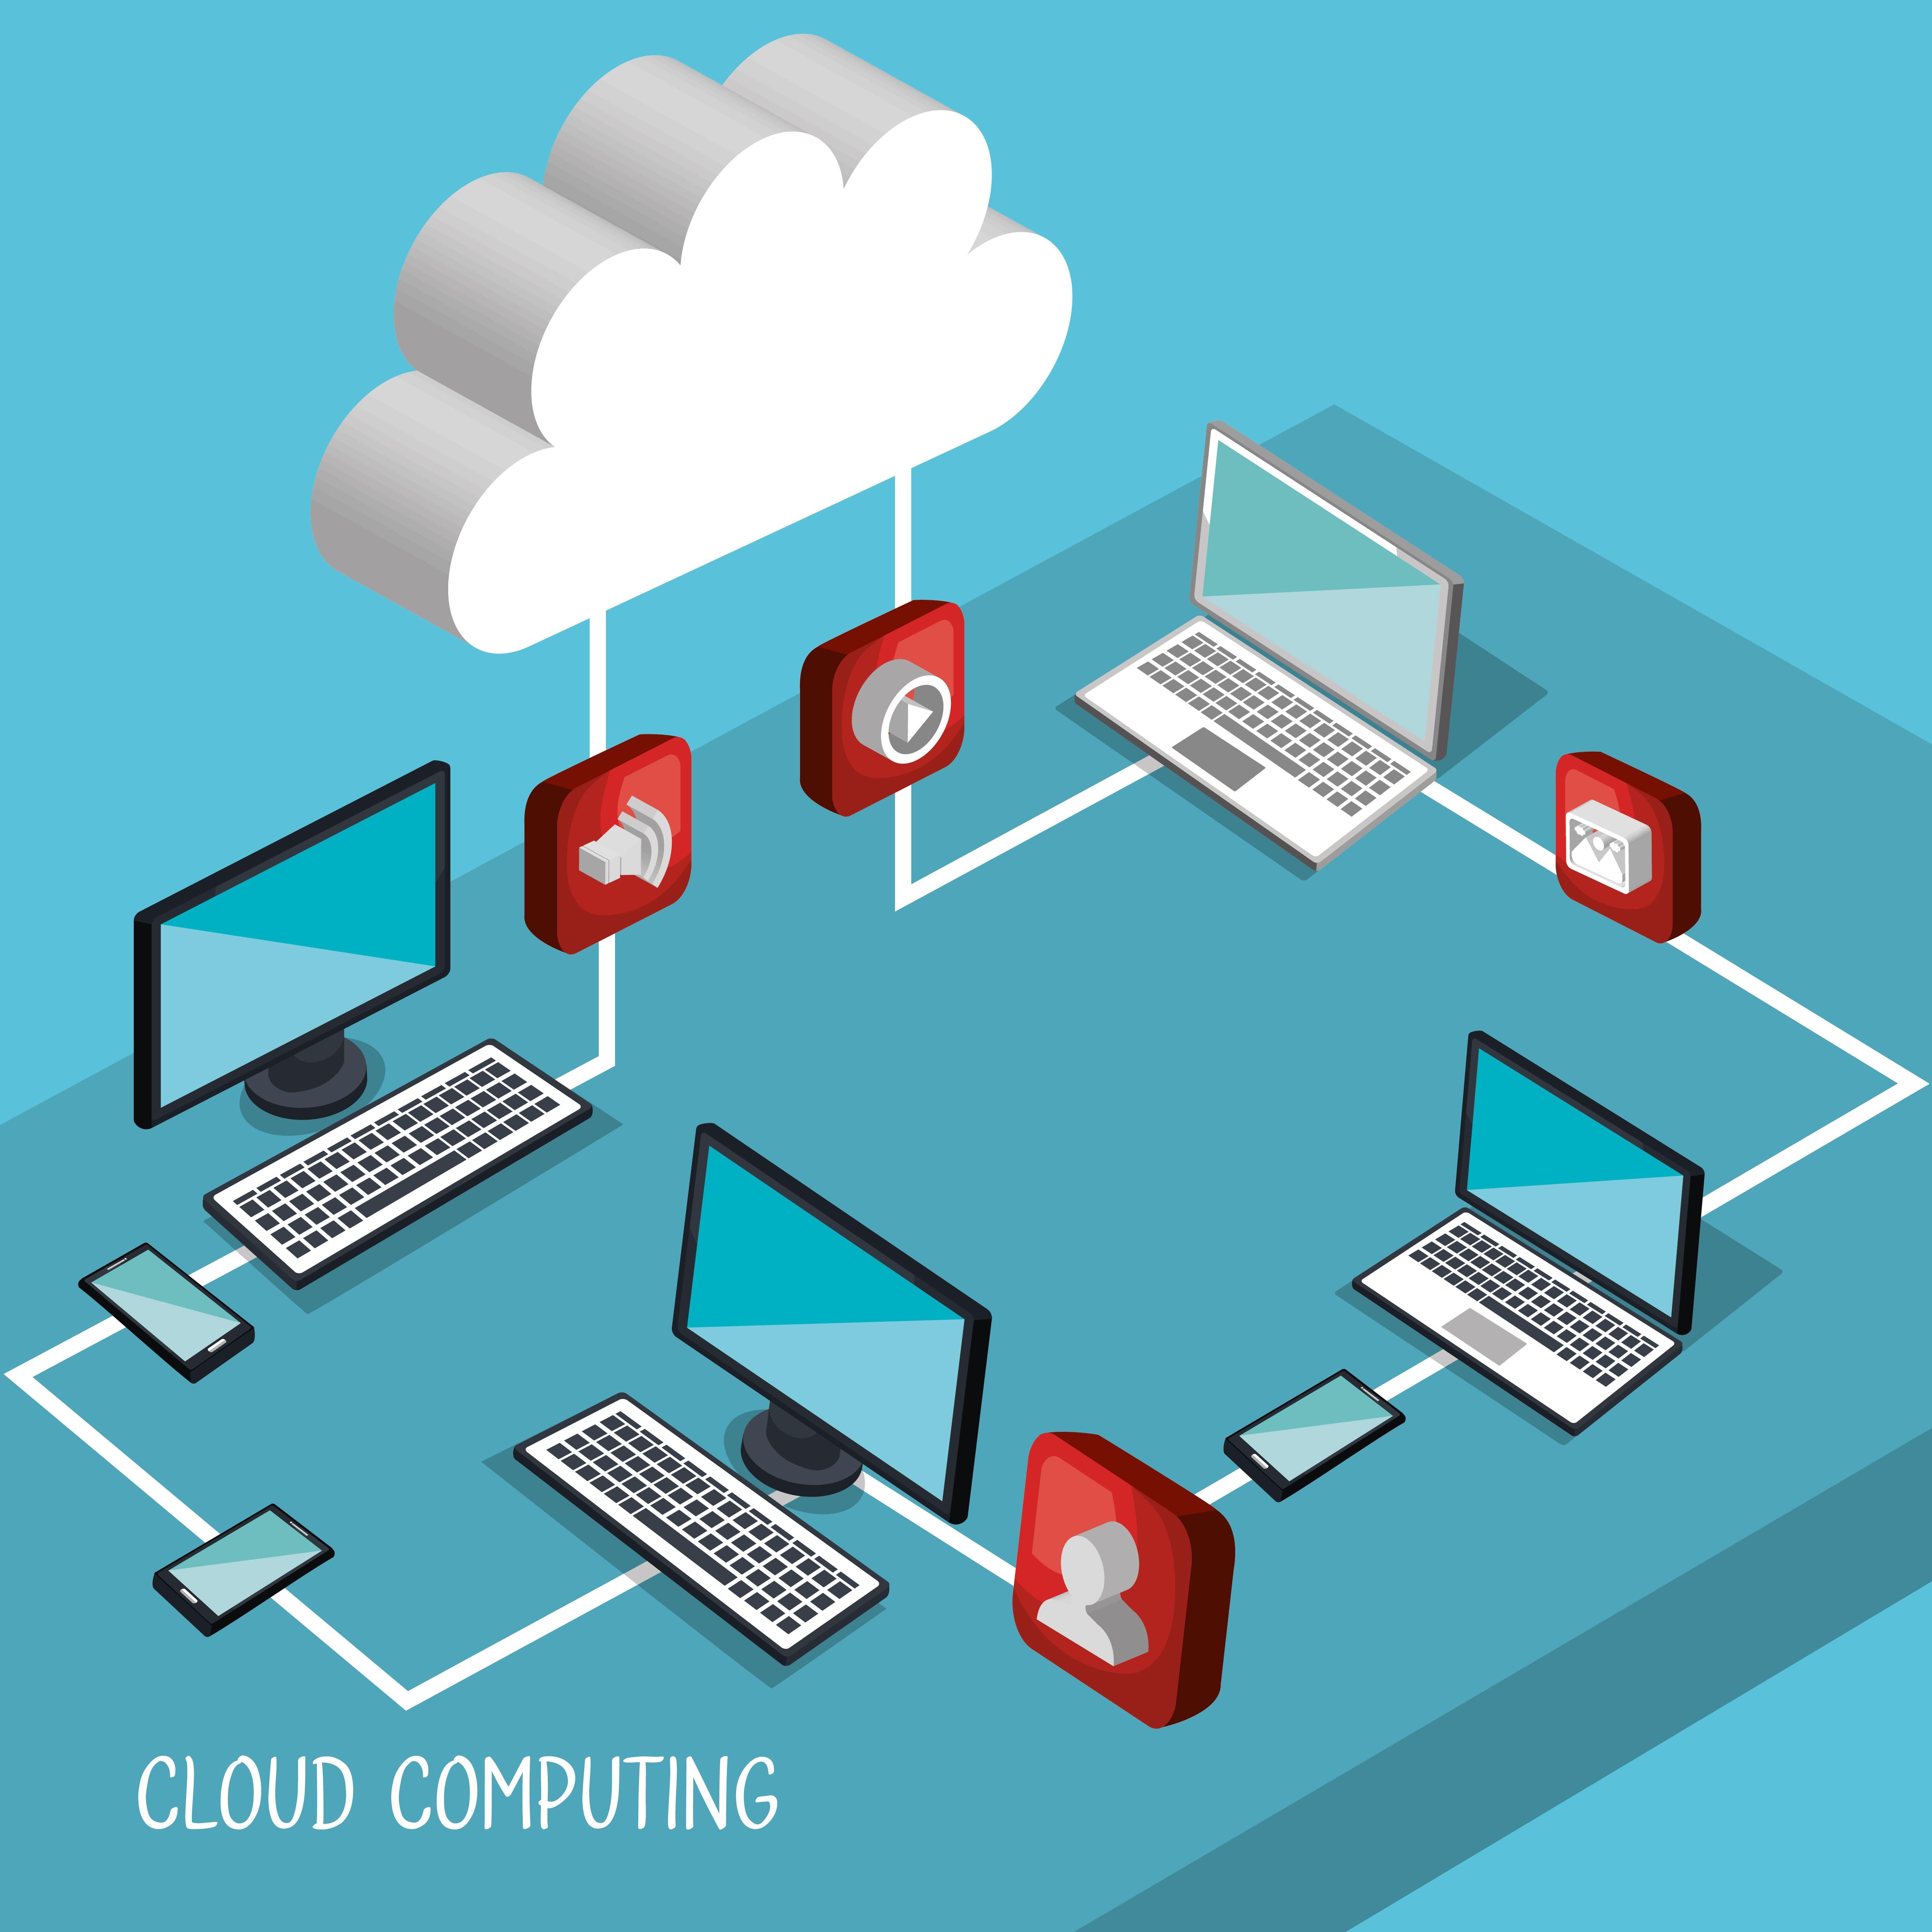 Sistema em nuvem é seguro? Saiba os principais benefícios